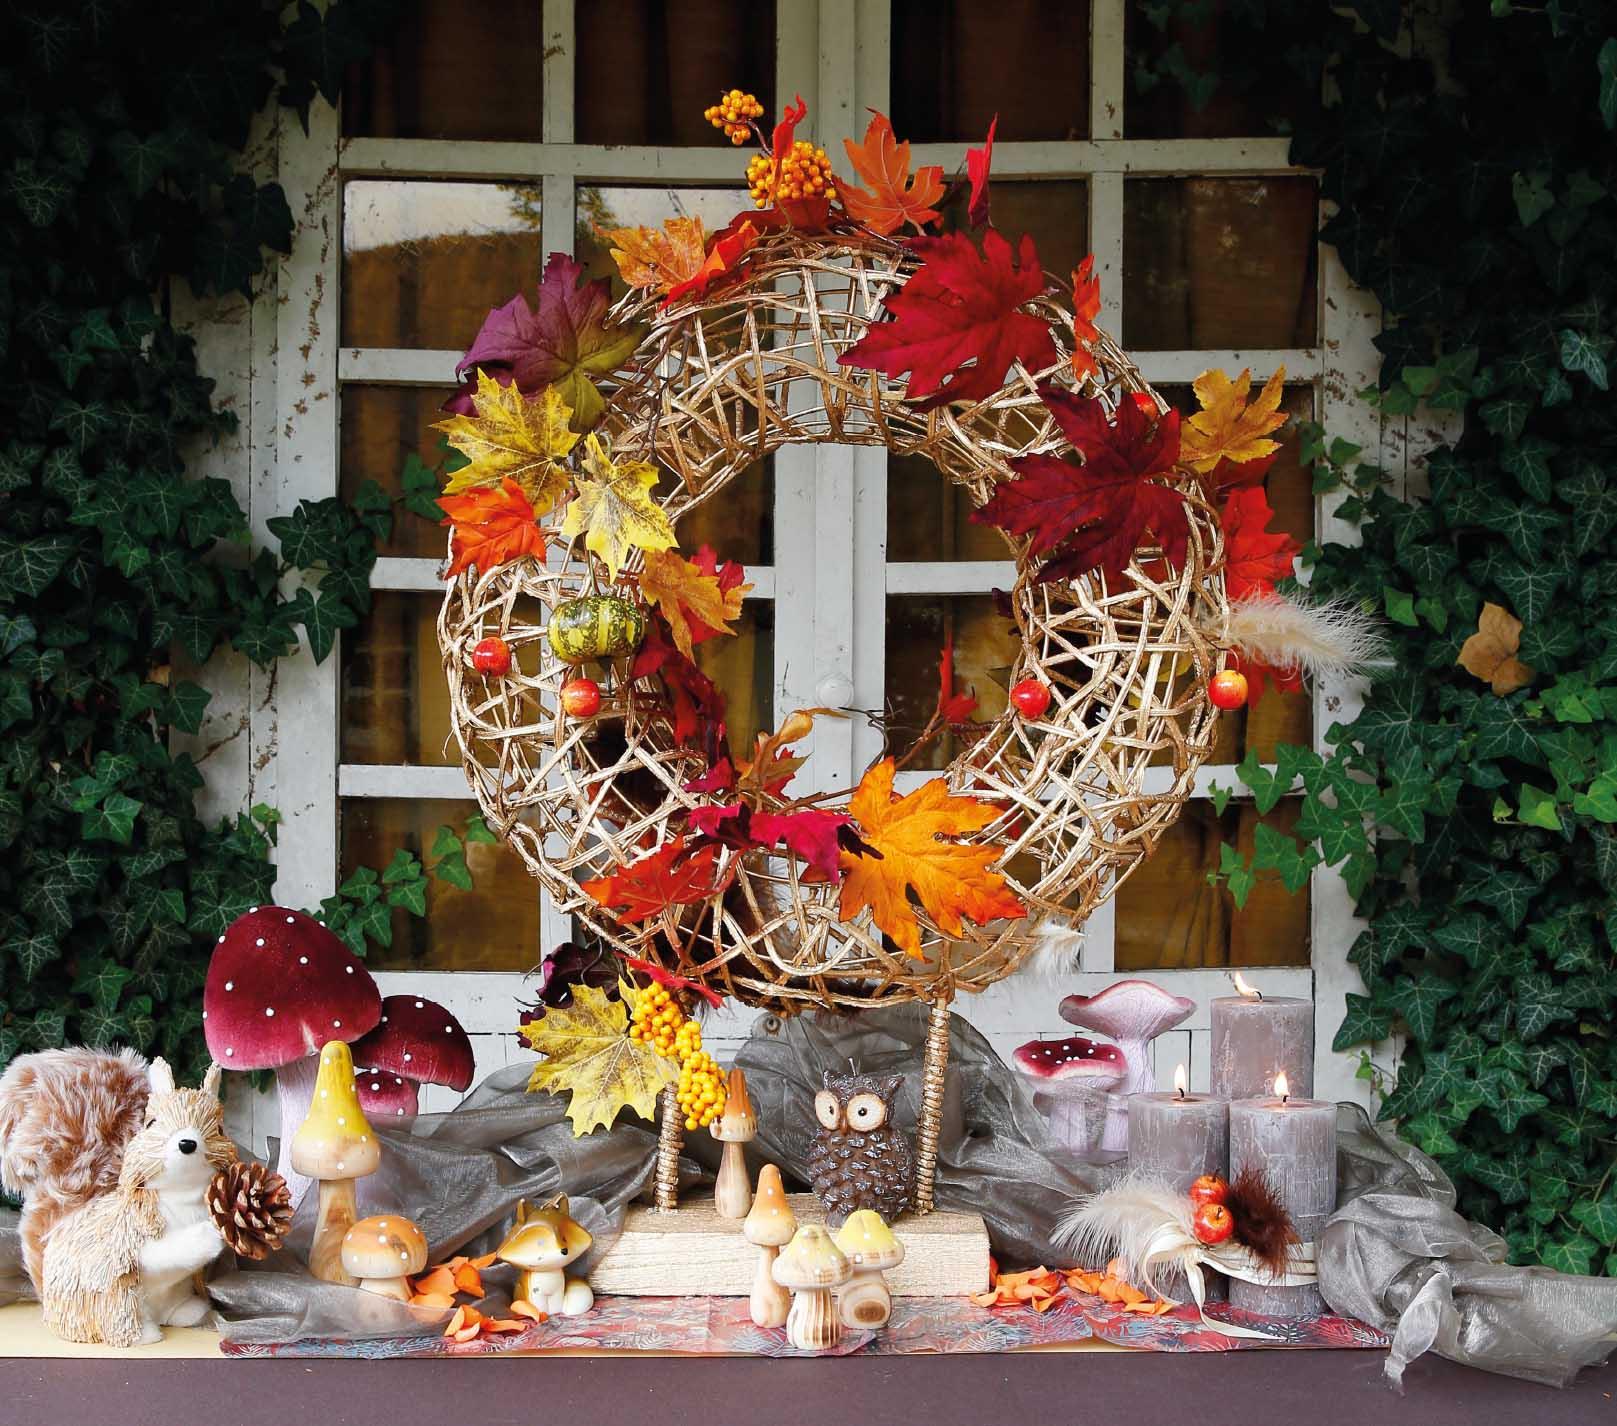 Herfst versiering maken xn92 aboriginaltourismontario for Decoratie herfst